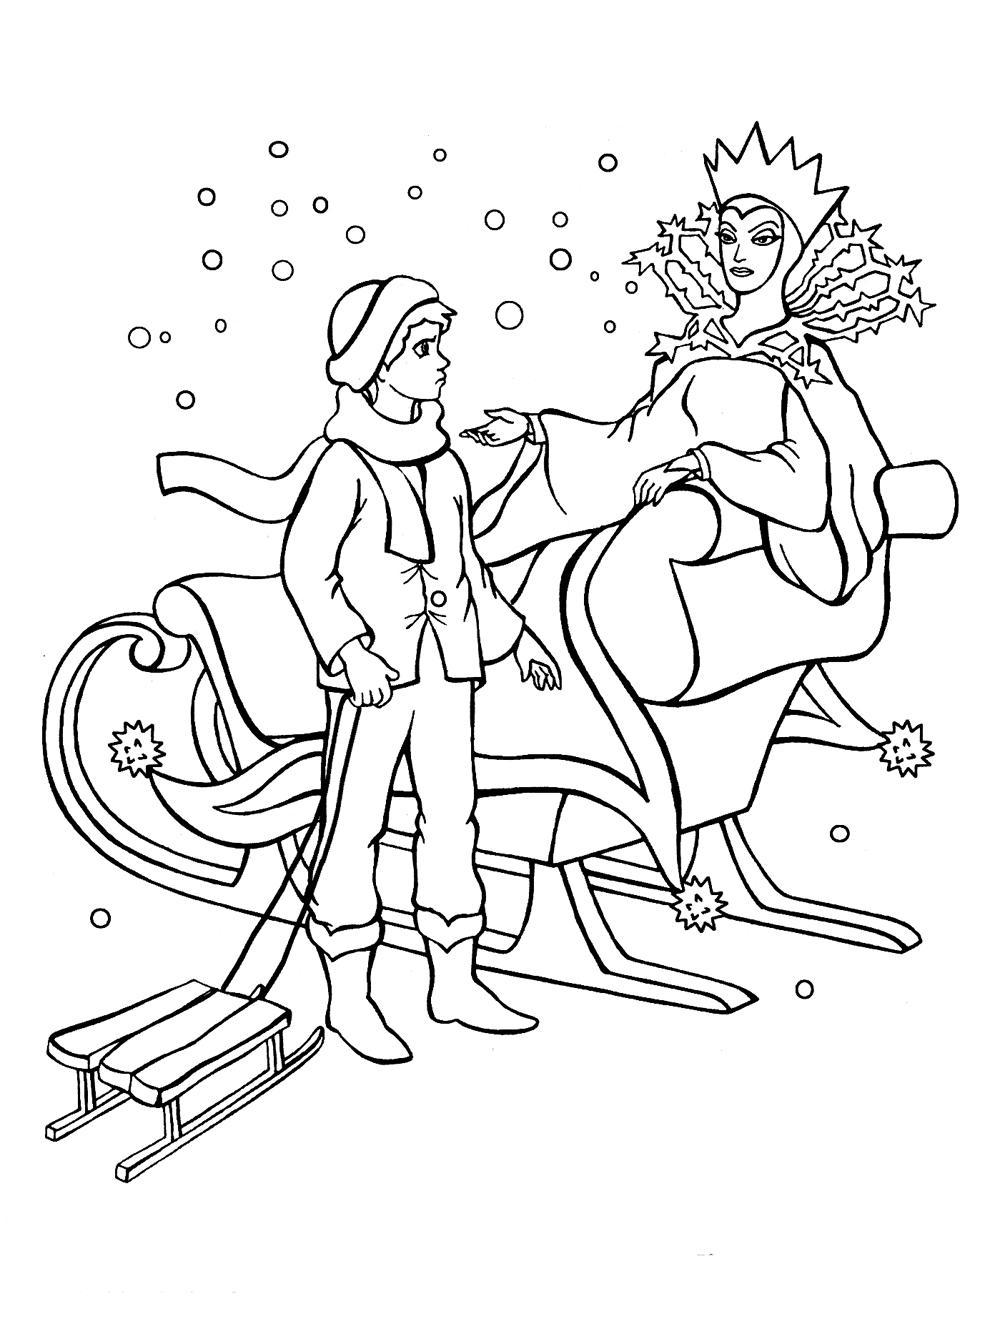 Раскраски Снежная королева Хорошие раскраски для детей по мультфильму Снежная королева